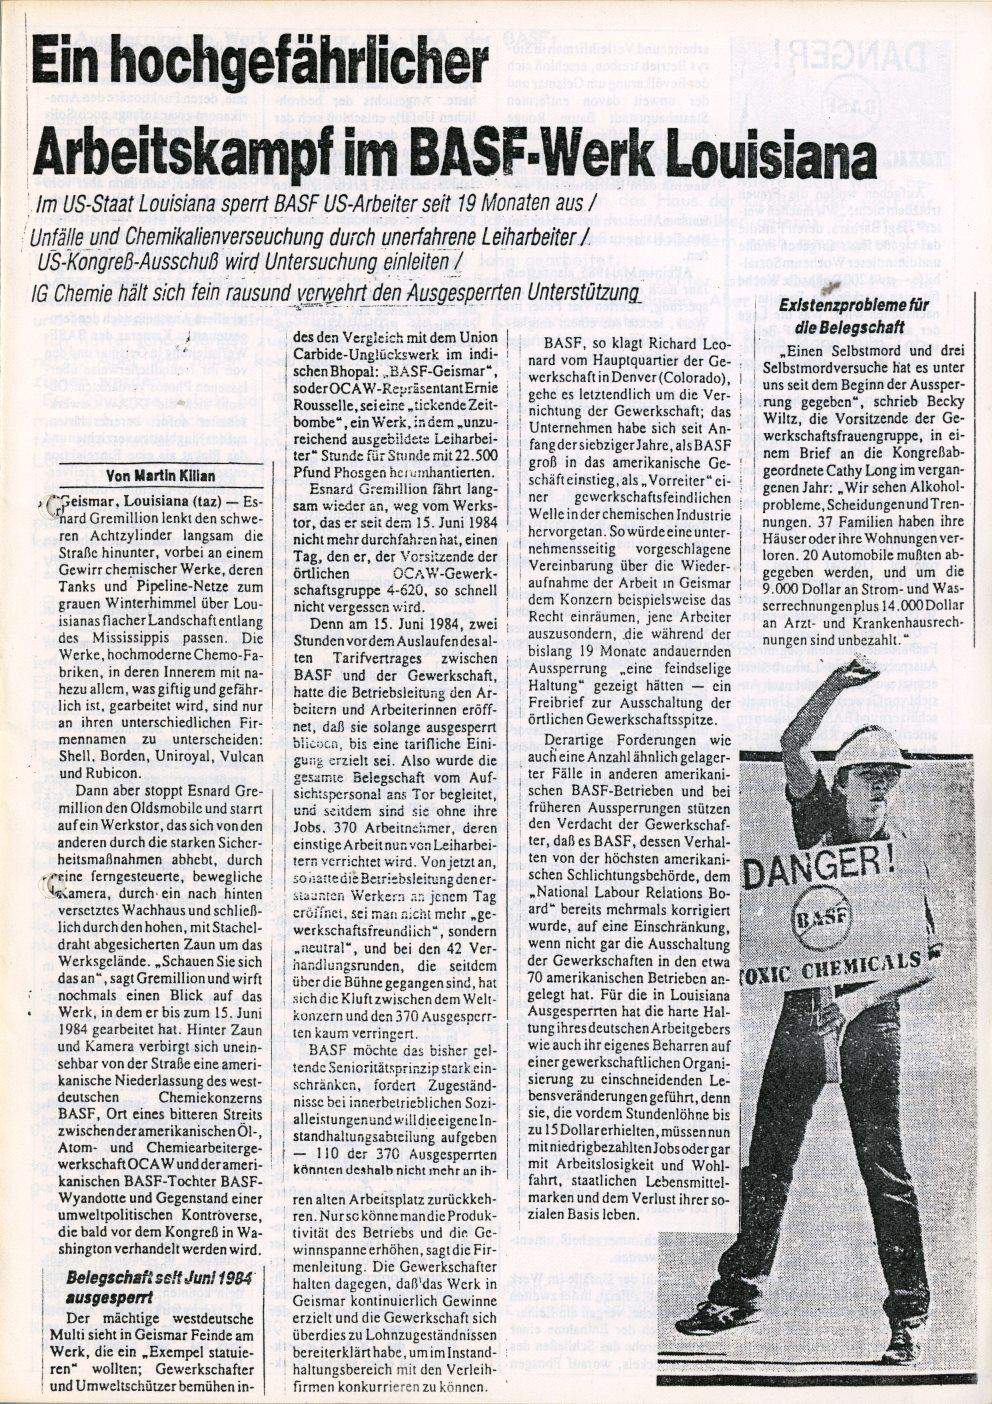 USA_BASF_Aussperrung_in_Geismar_1986_2_11